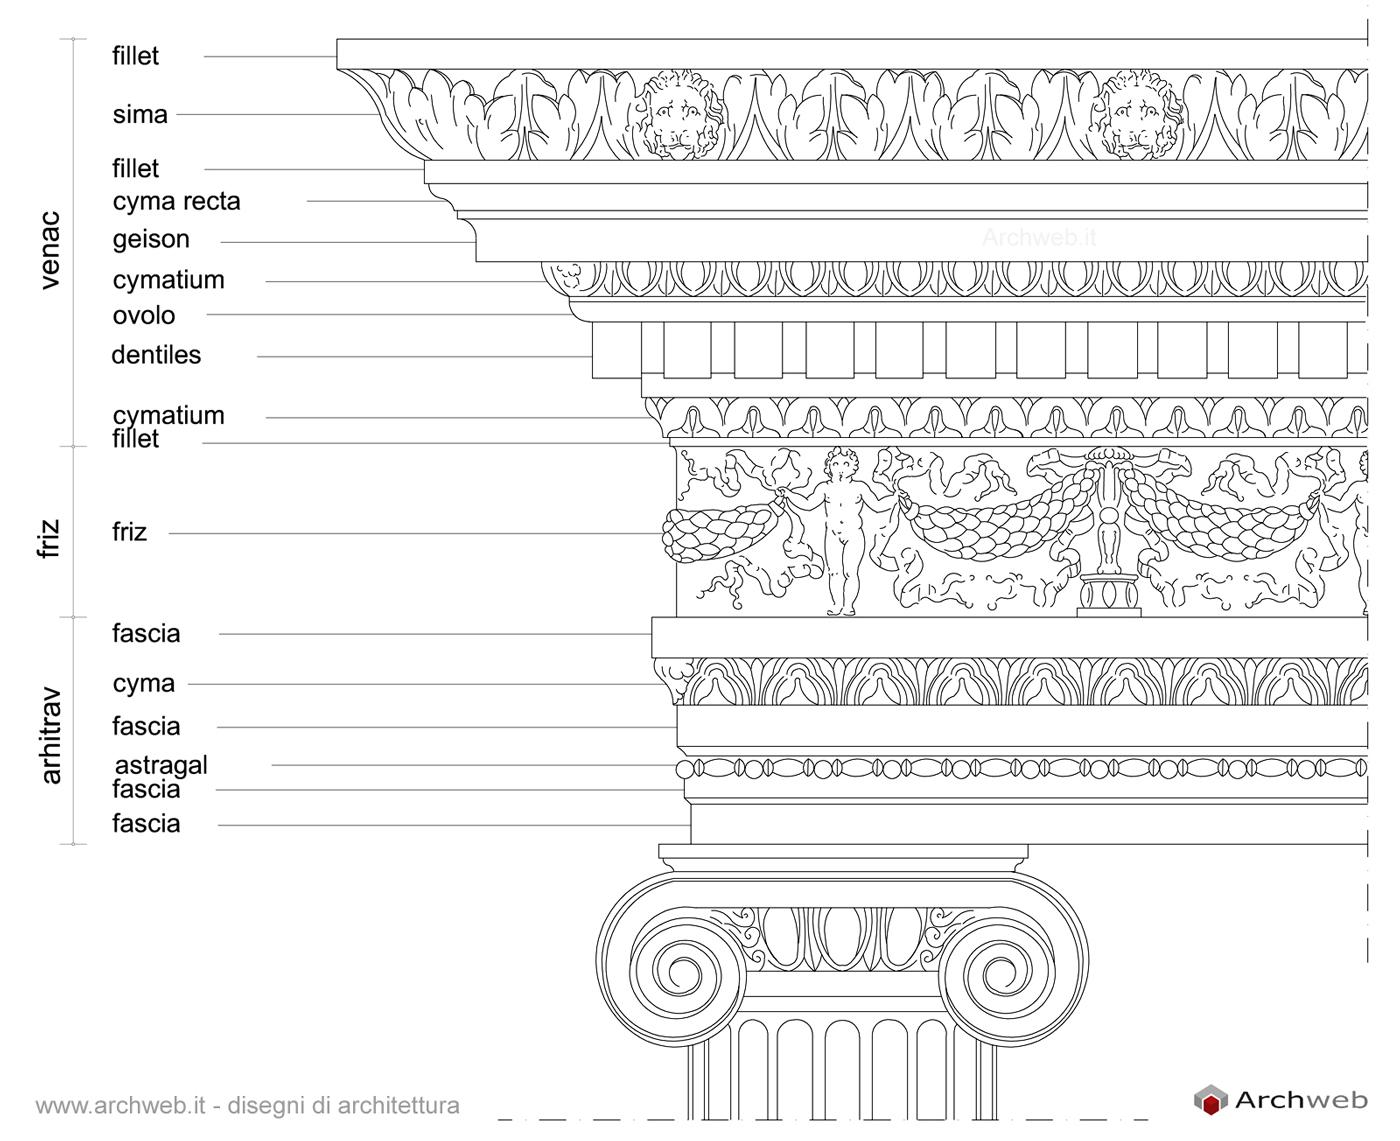 Ordini architettonici colonne e capitelli disegni dwg - Finestre dwg 2d ...